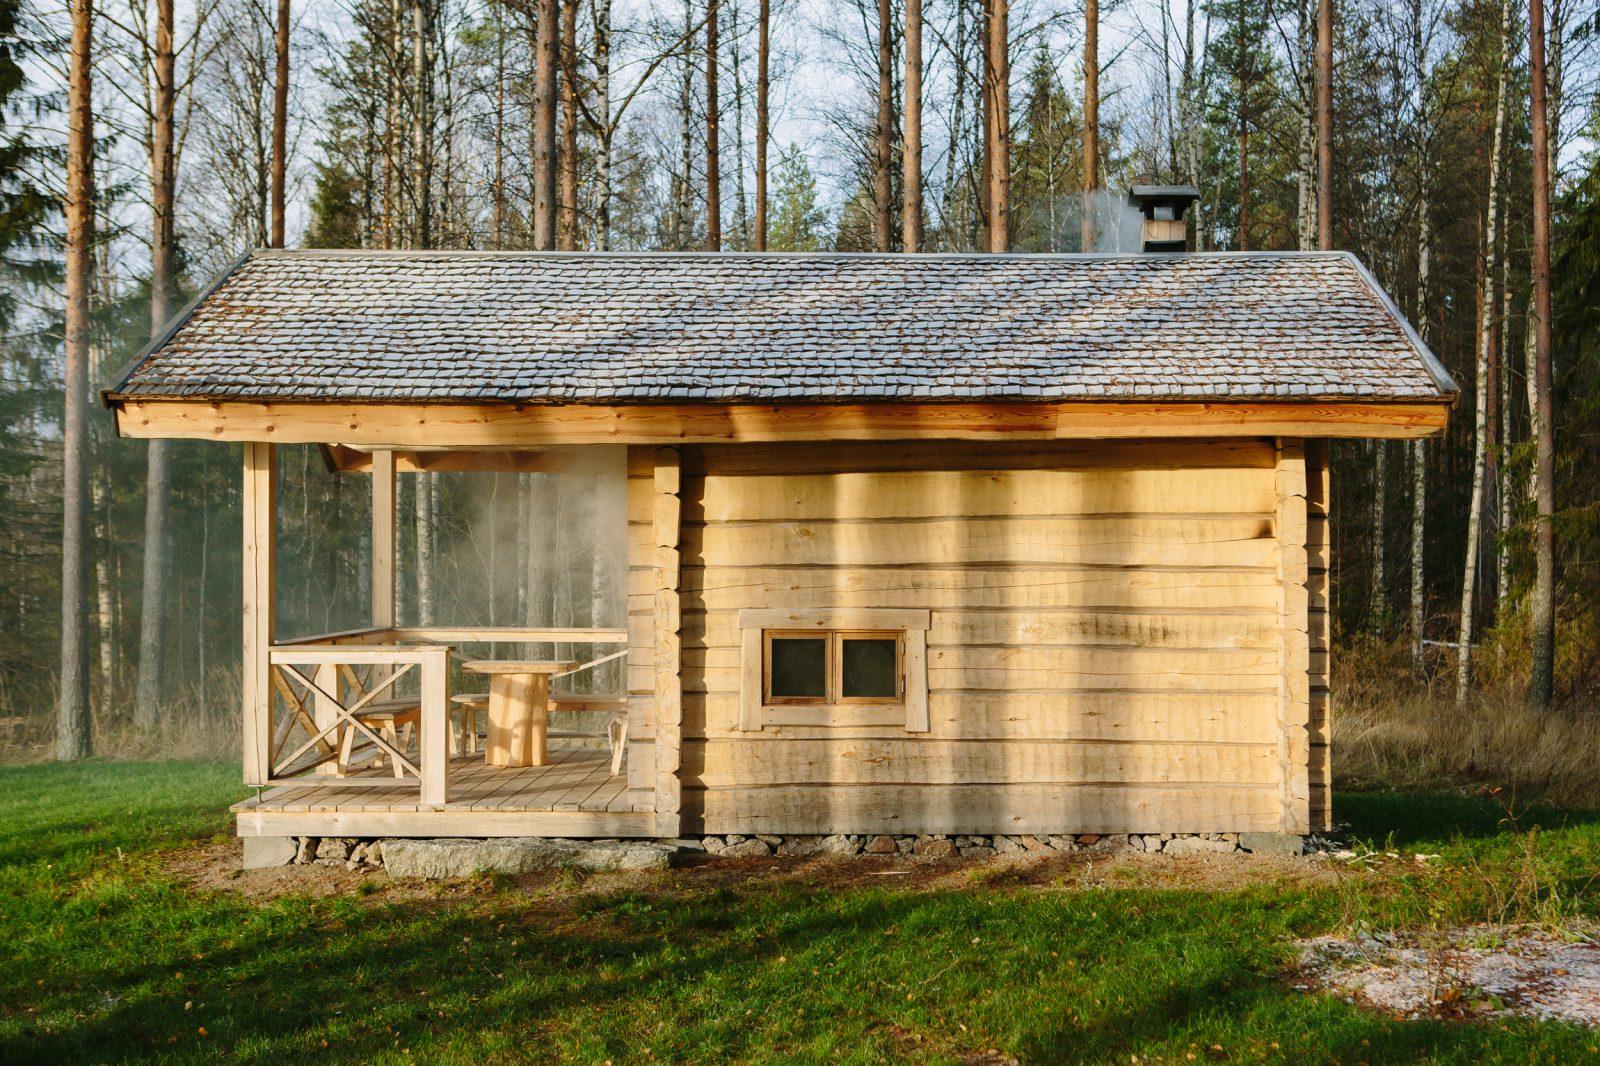 Savusana Vilhelmi on arkkitehti Risto Vuolle-Apialan suunnittelema perinteinen hirrestä valmistettu savusauna.